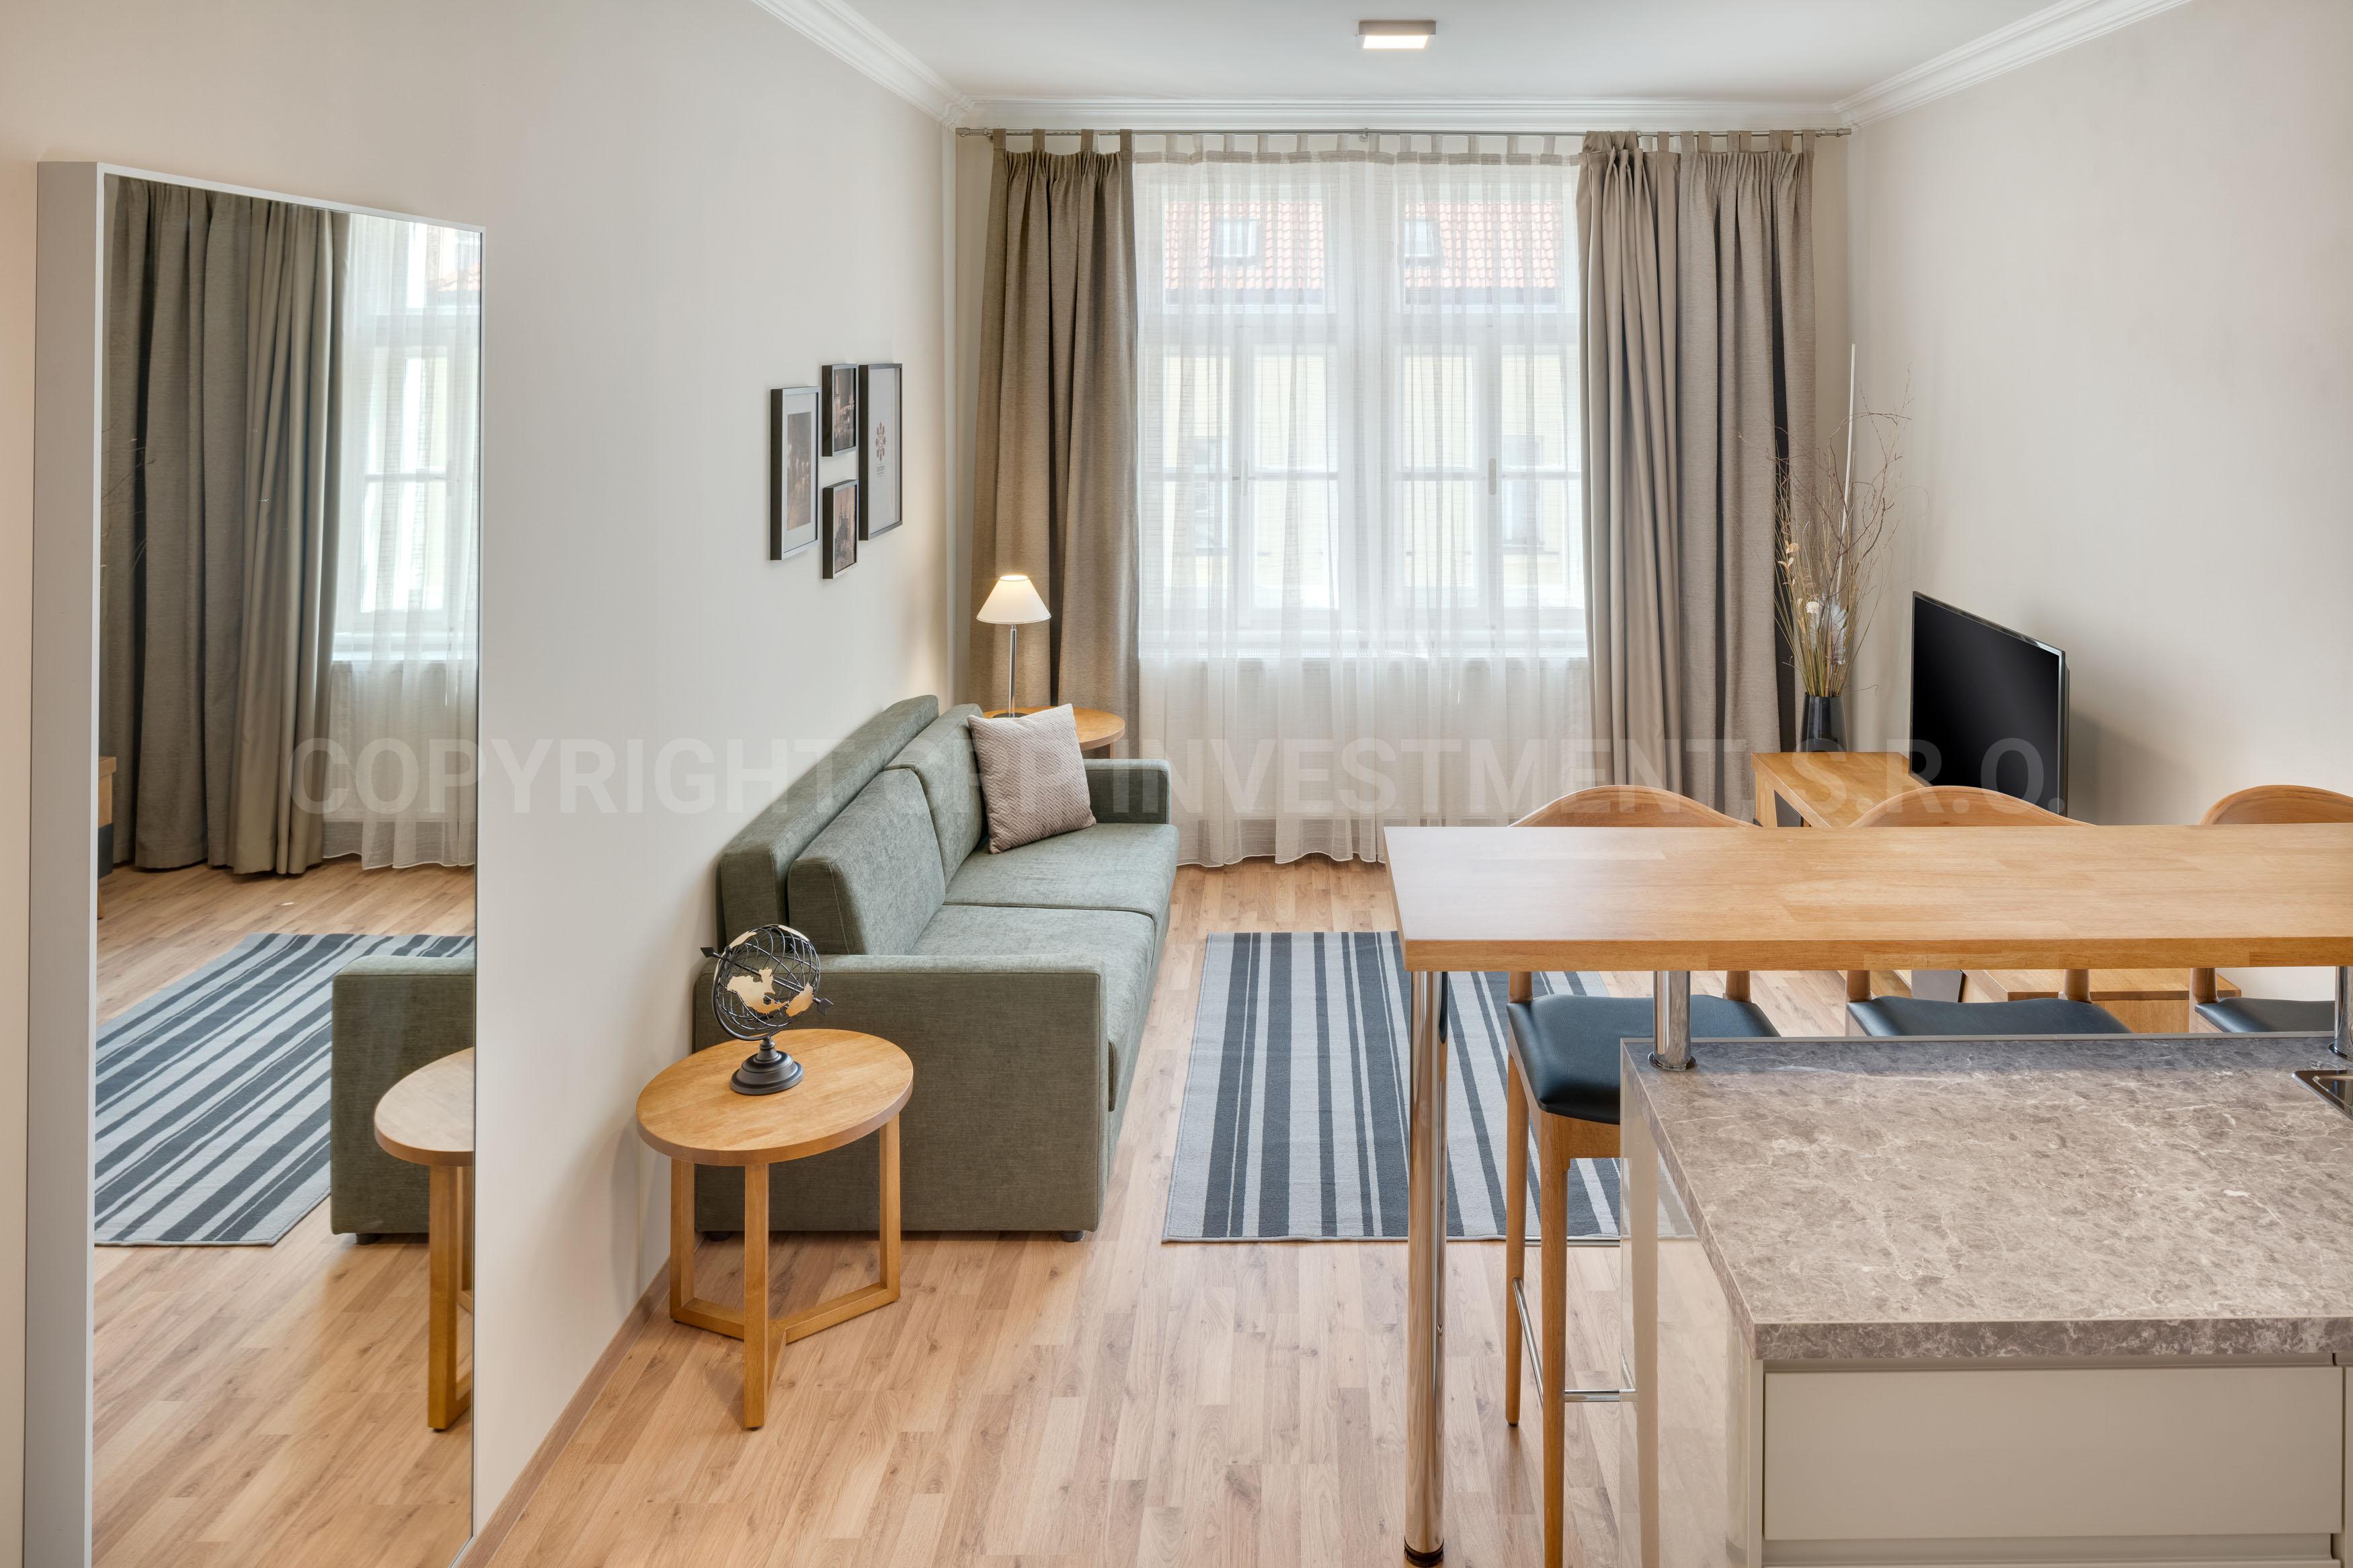 Апартамента в Праге с одной спальней